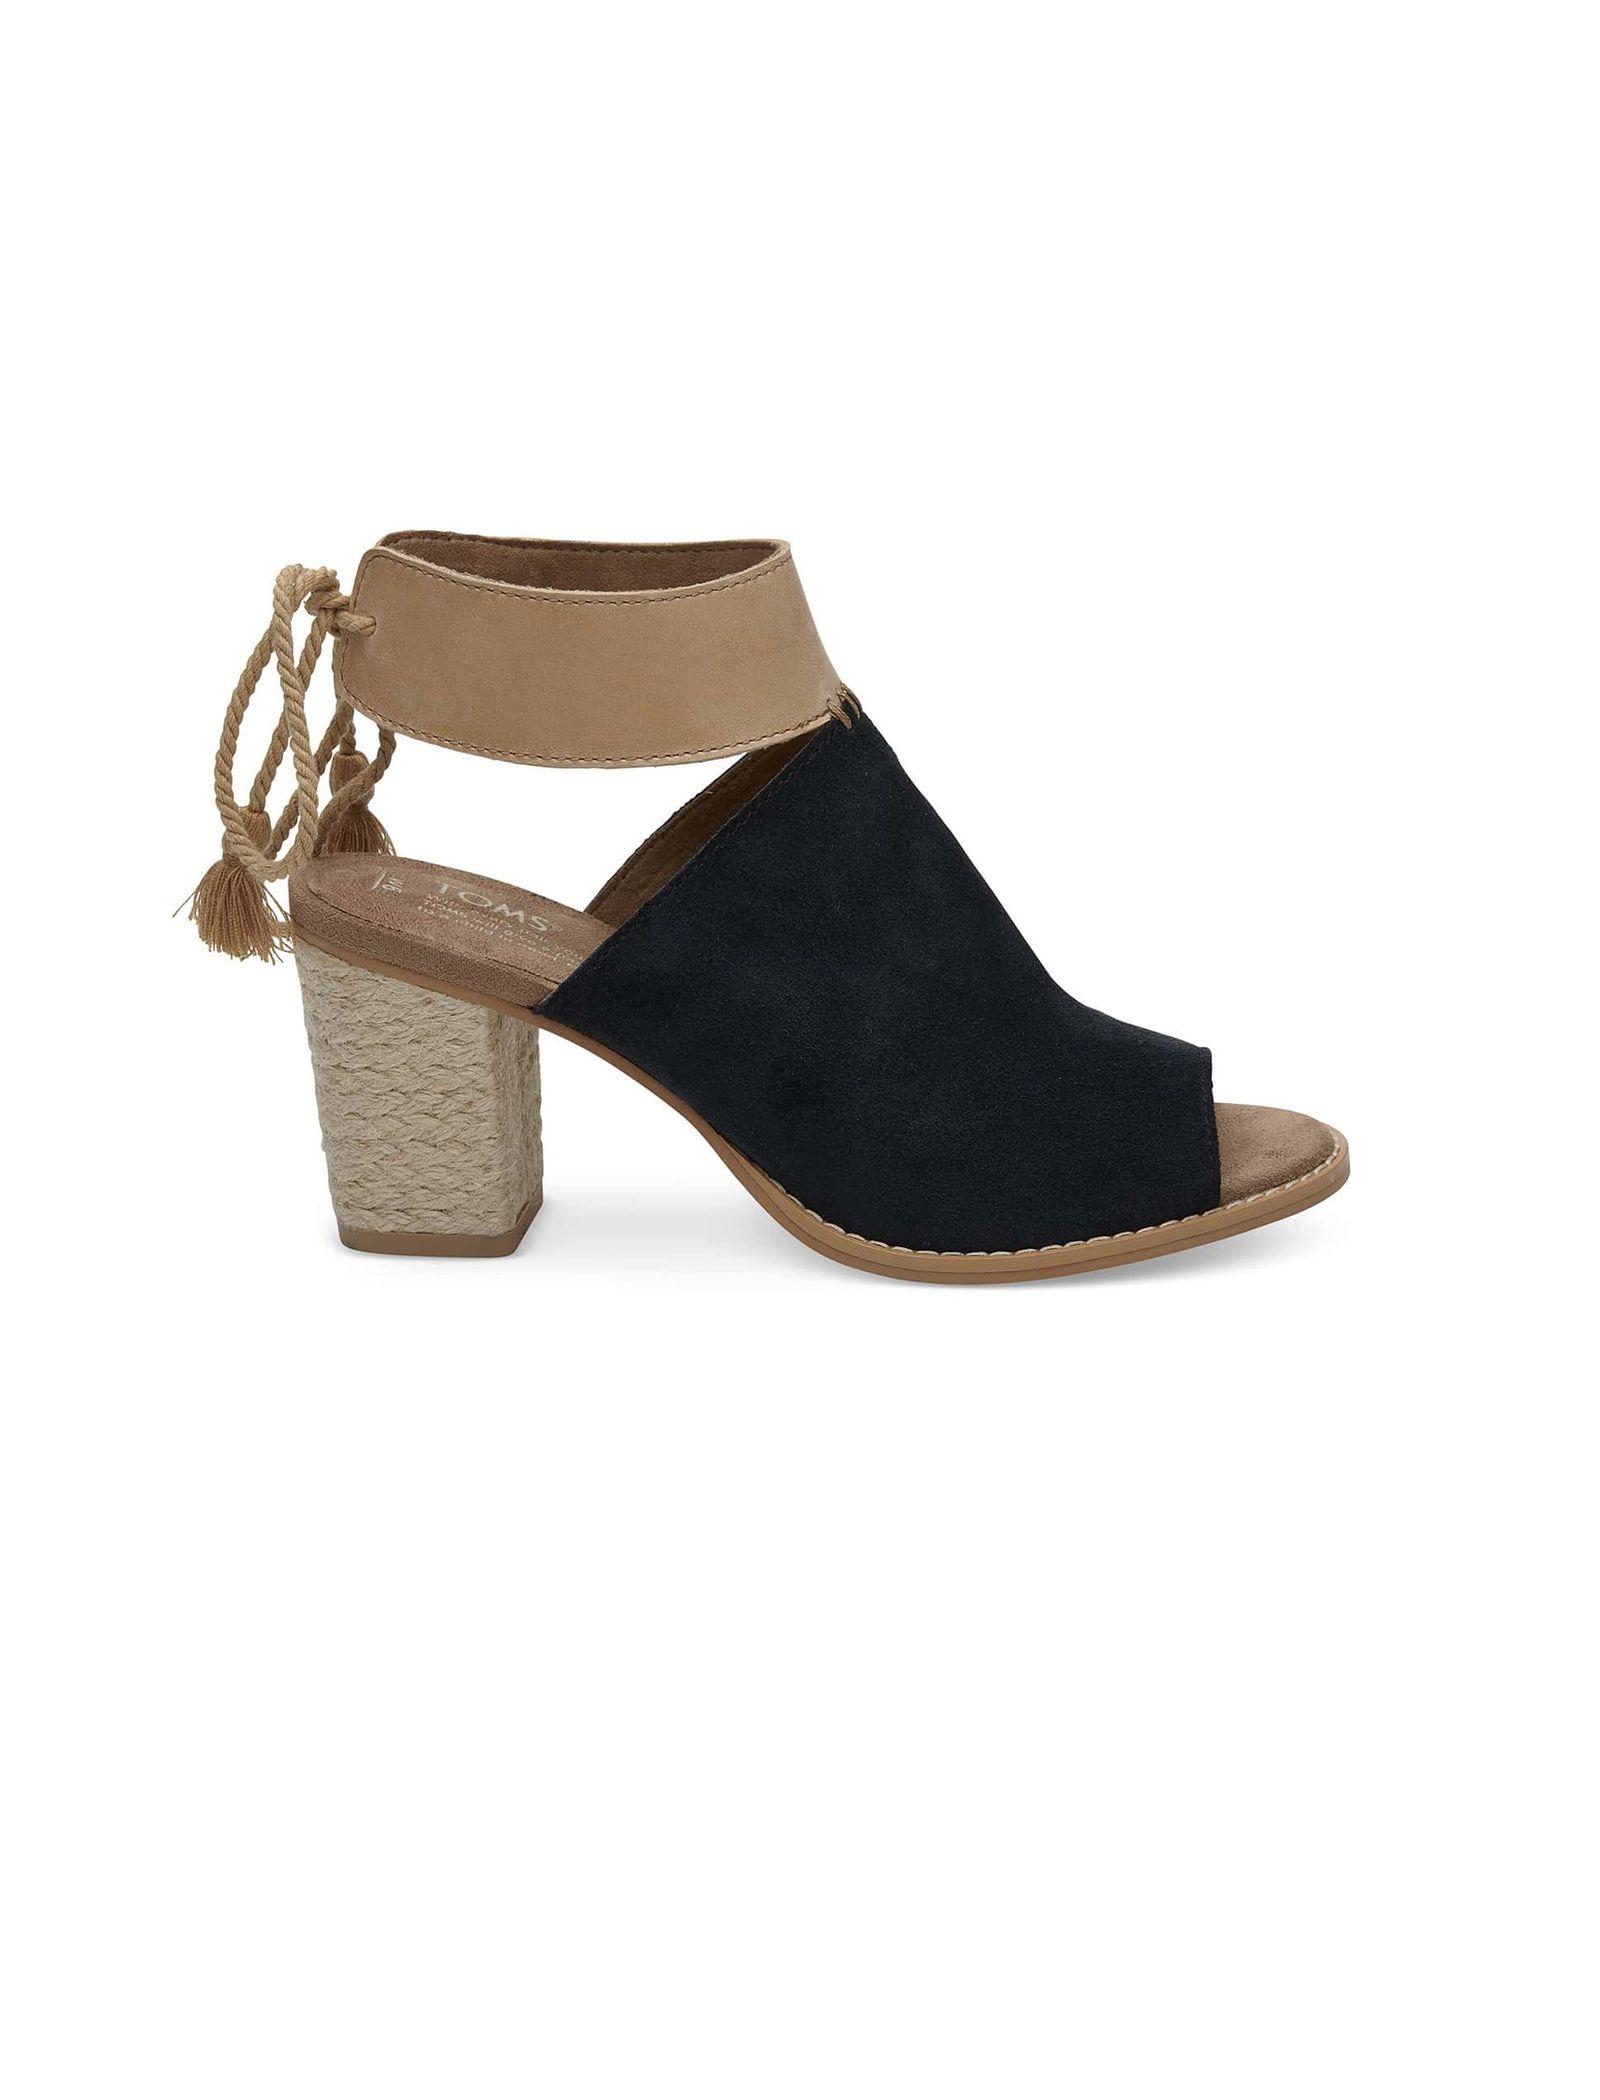 کفش پاشنه بلند چرم زنانه Seville - تامز - مشکي - 1